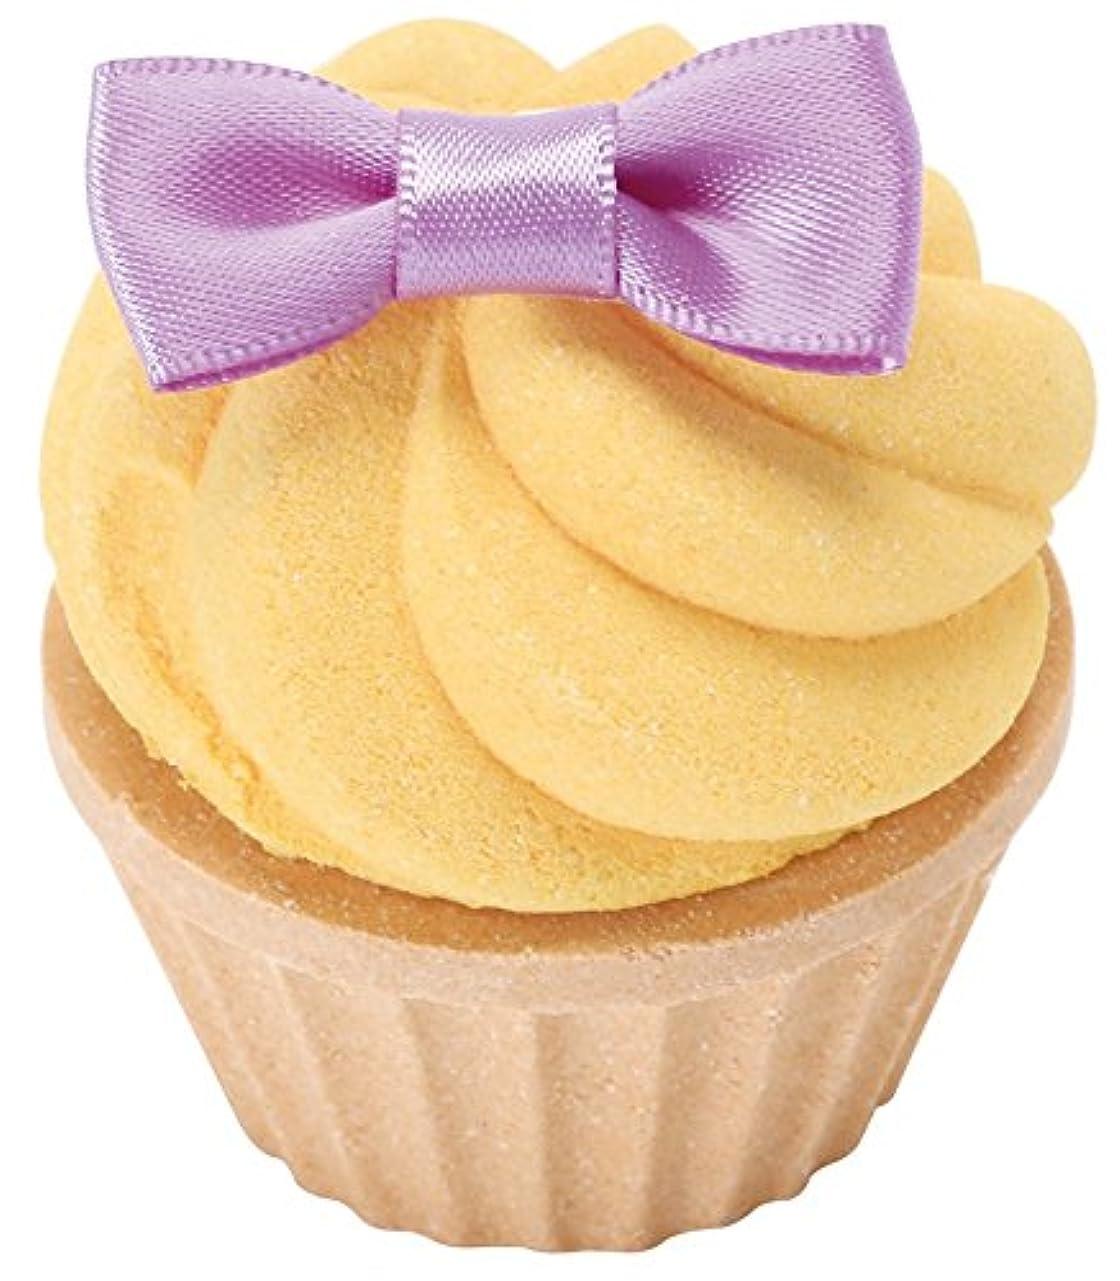 流行疑い者写真を描くノルコーポレーション お風呂用 芳香剤 おめかしカップケーキフィズ 60g フルーツサワーの香り OB-SMM-14-3